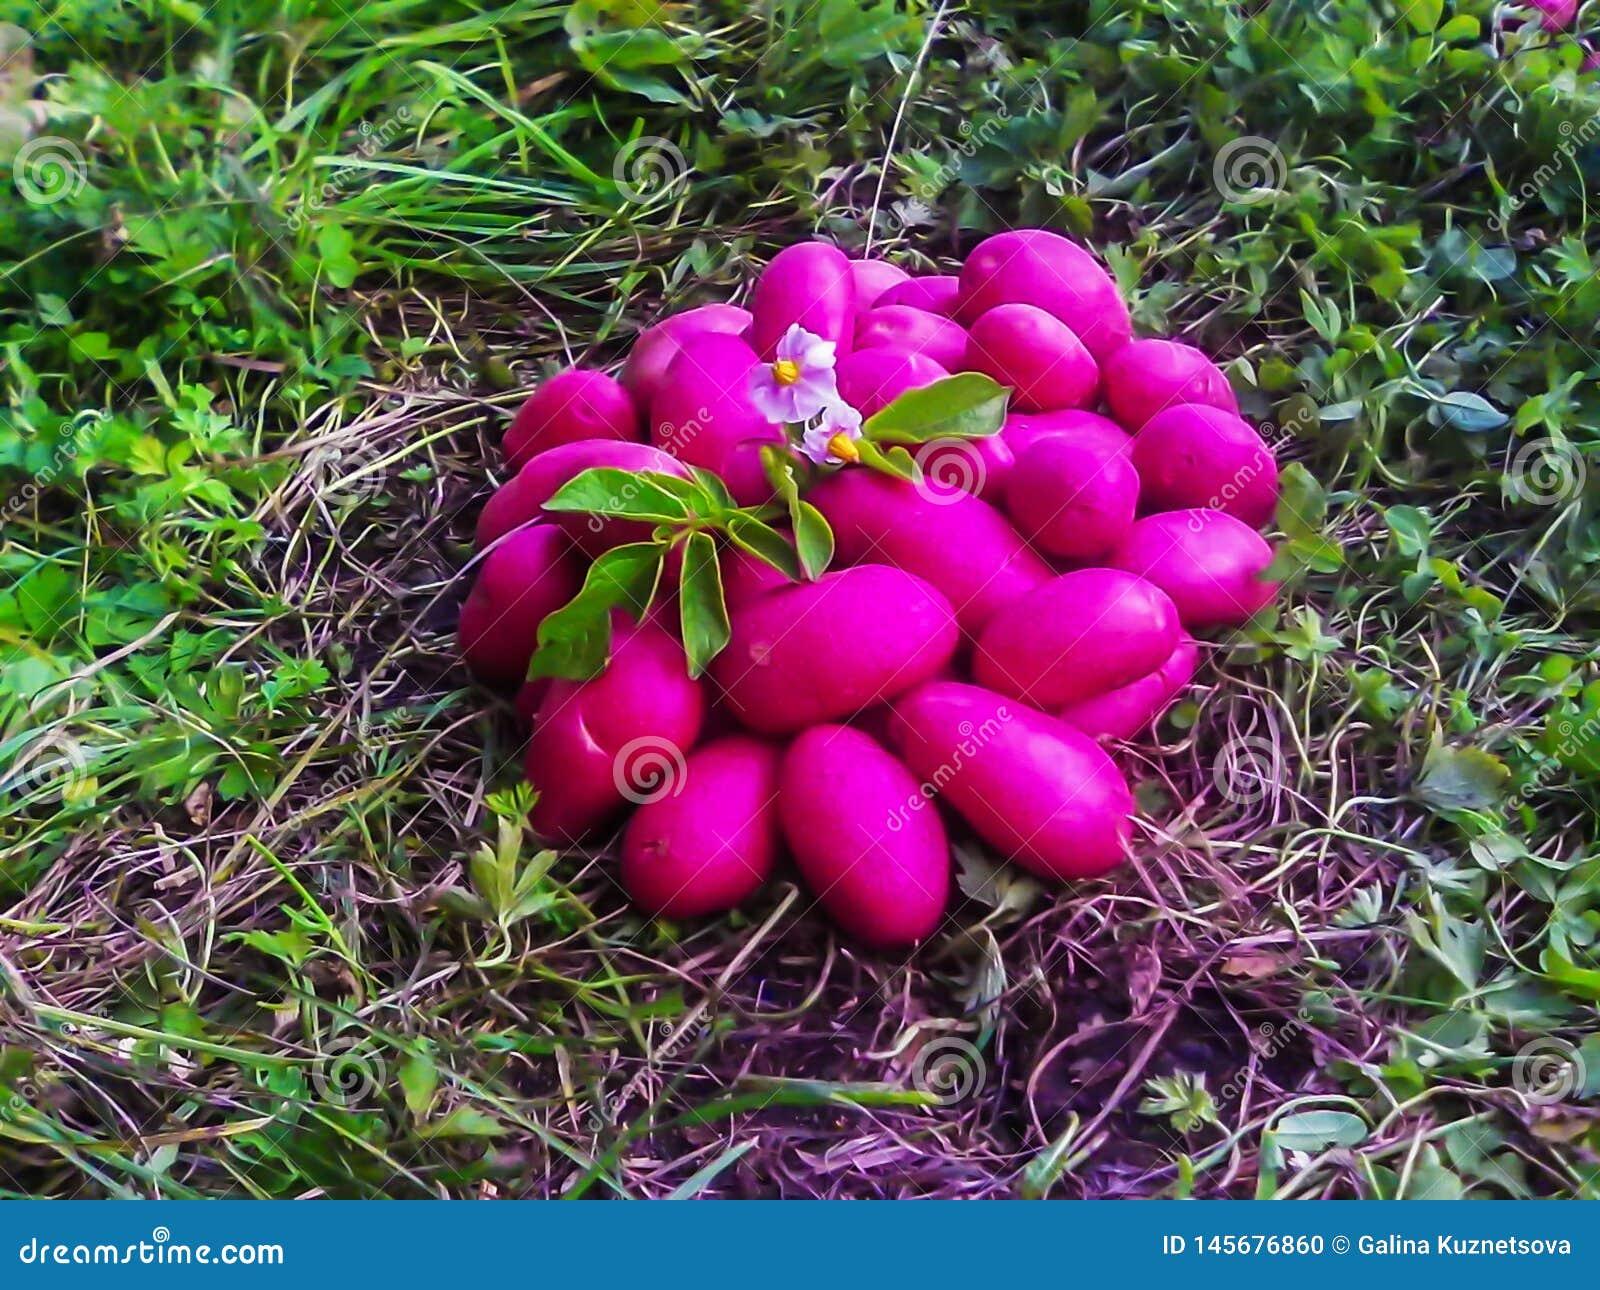 Sélection allemande de Delphine de variétés de tubercules de pomme de terre de titre